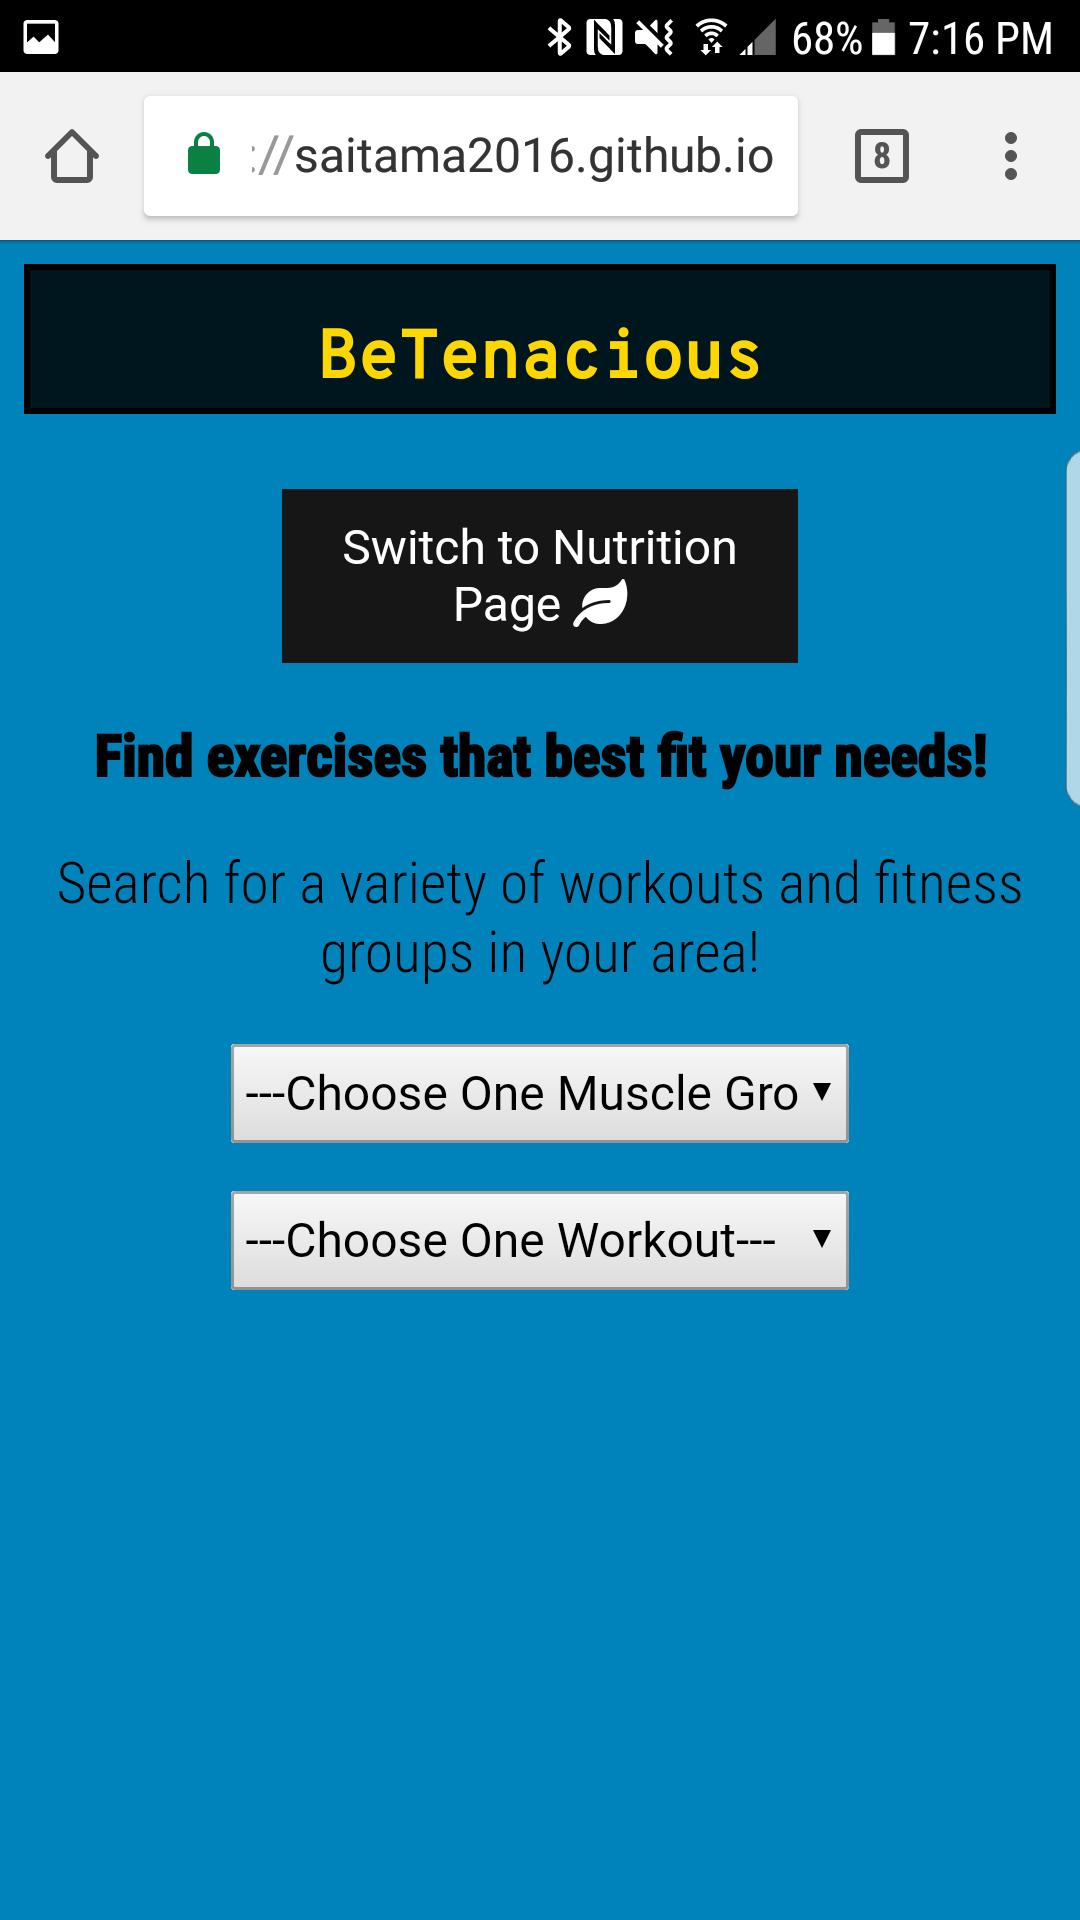 BeTenacious Workout Page